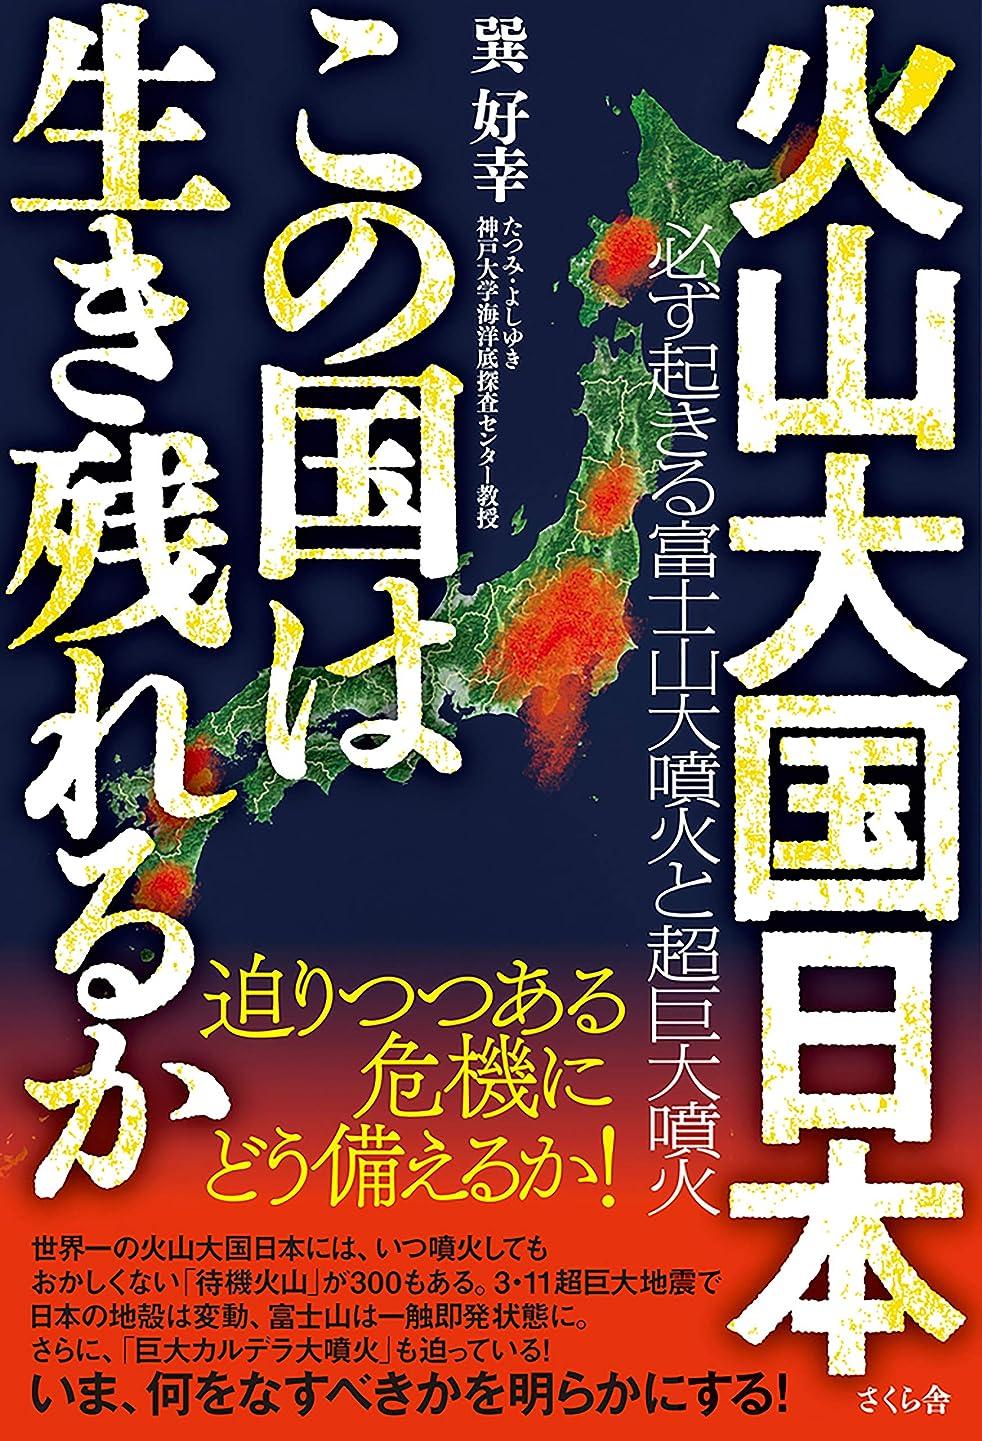 粉砕する郵便物お祝い火山大国日本 この国は生き残れるか